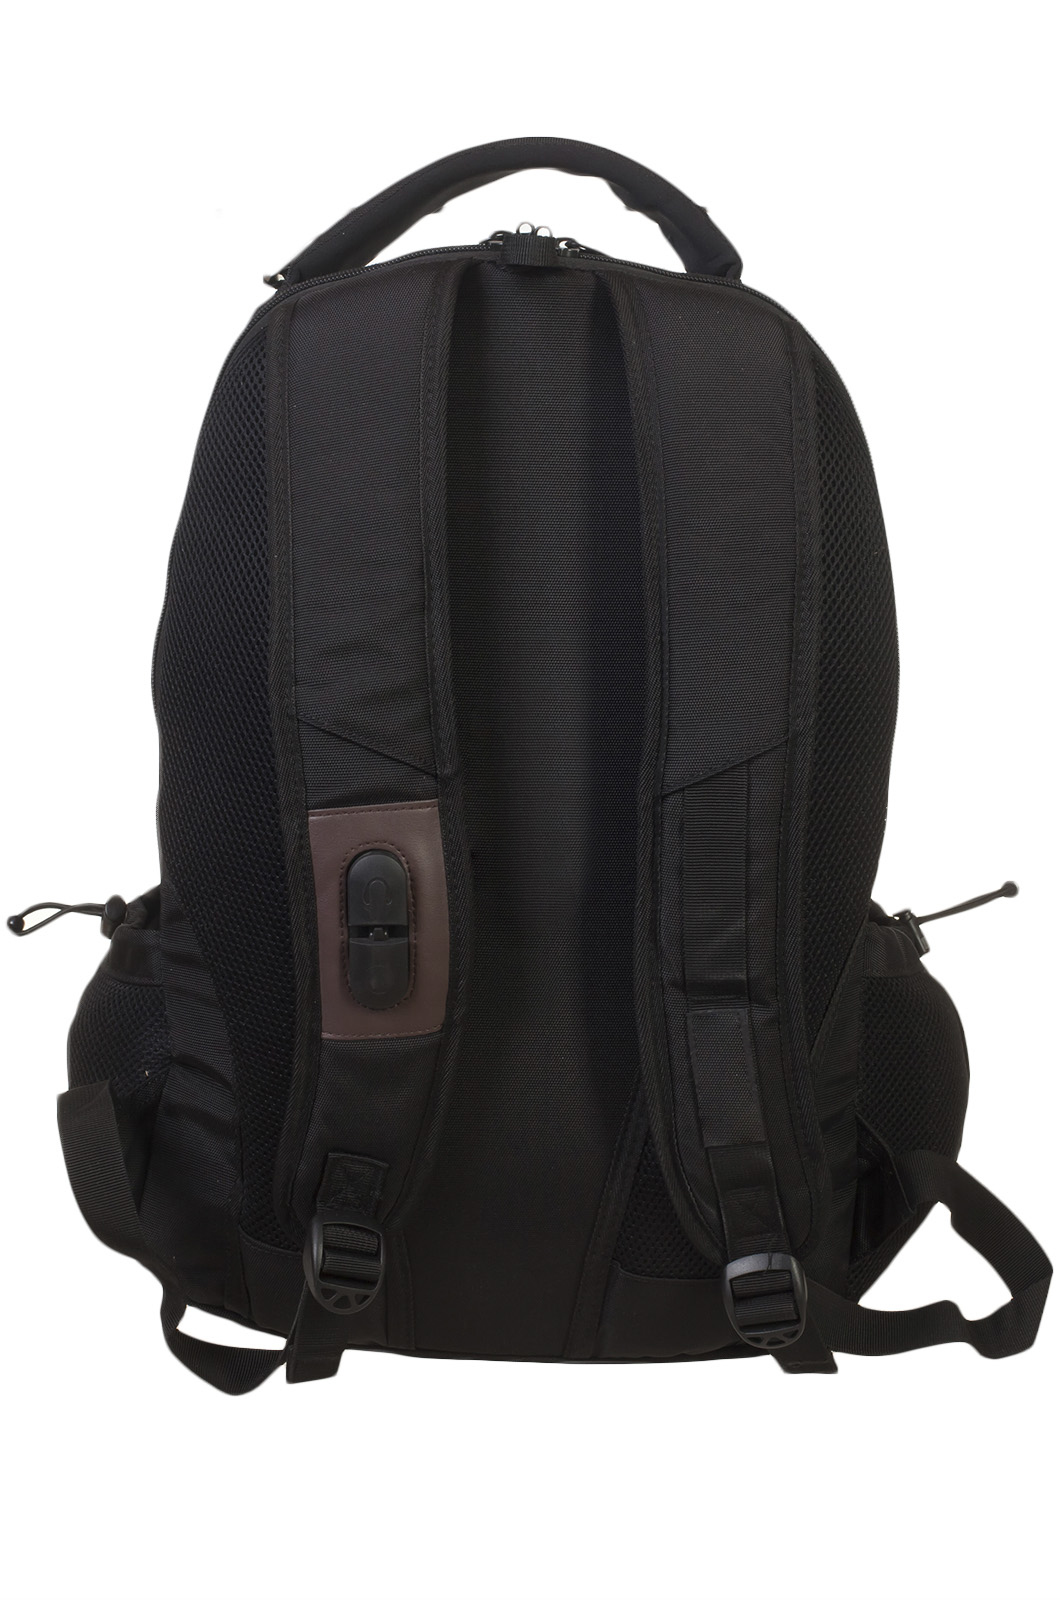 Практичный черный рюкзак с нашивкой Лучший Охотник - заказать в розницу